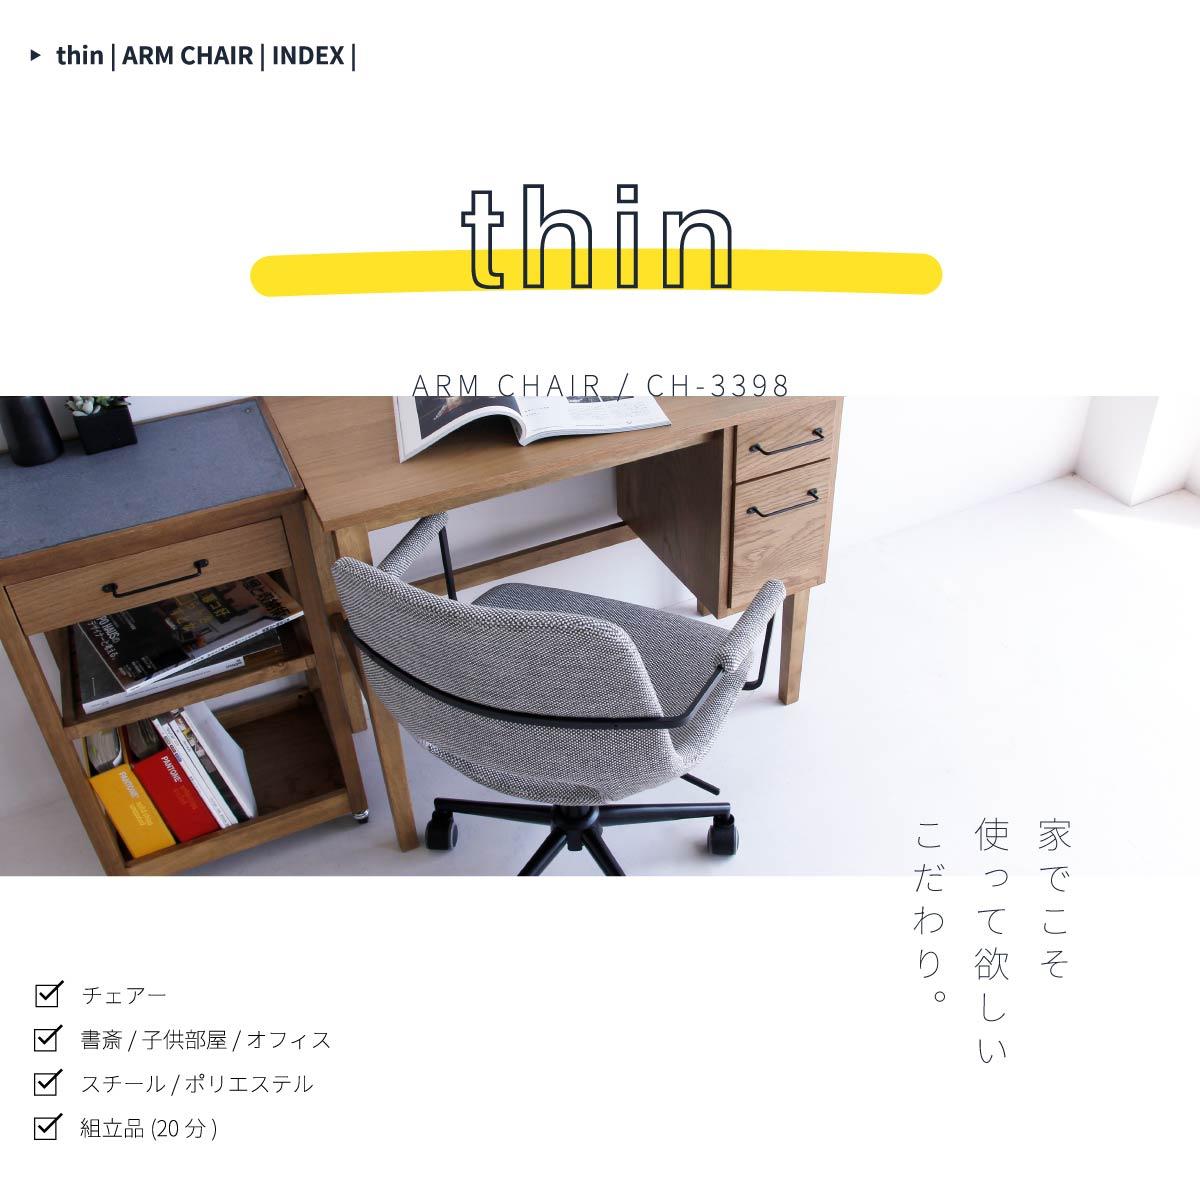 オフィスチェア パソコンチェア コンパクト おしゃれ デスクチェア パソコンチェア アームチェア 肘付き キャスター付き グレー スチール ファブリック 椅子 在宅ワーク